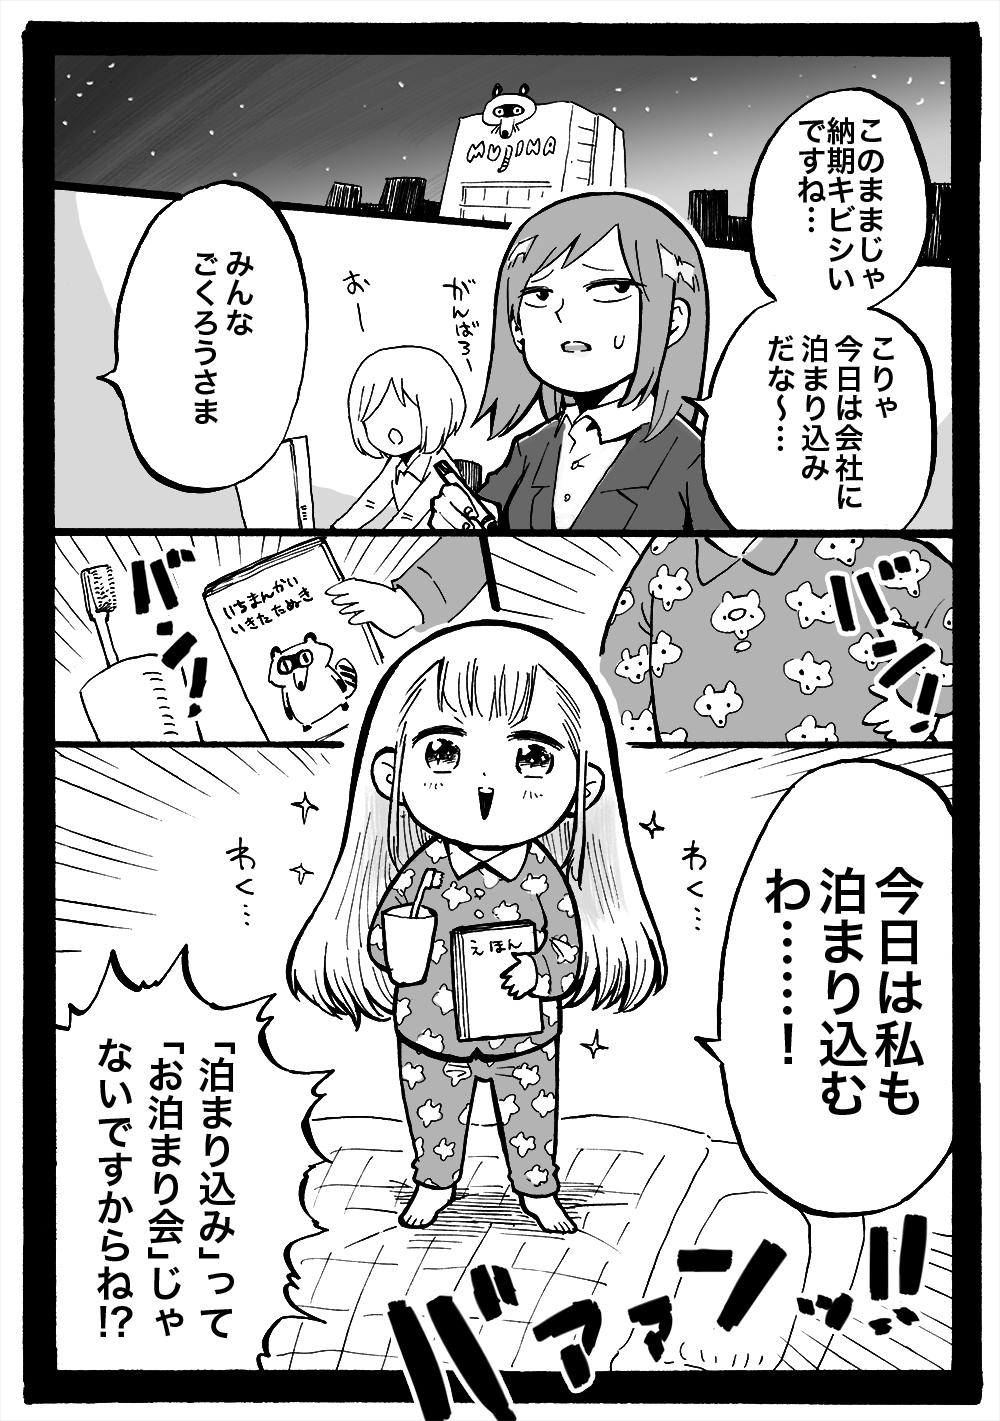 幼女社長(ざんぎょう(単行本収録))